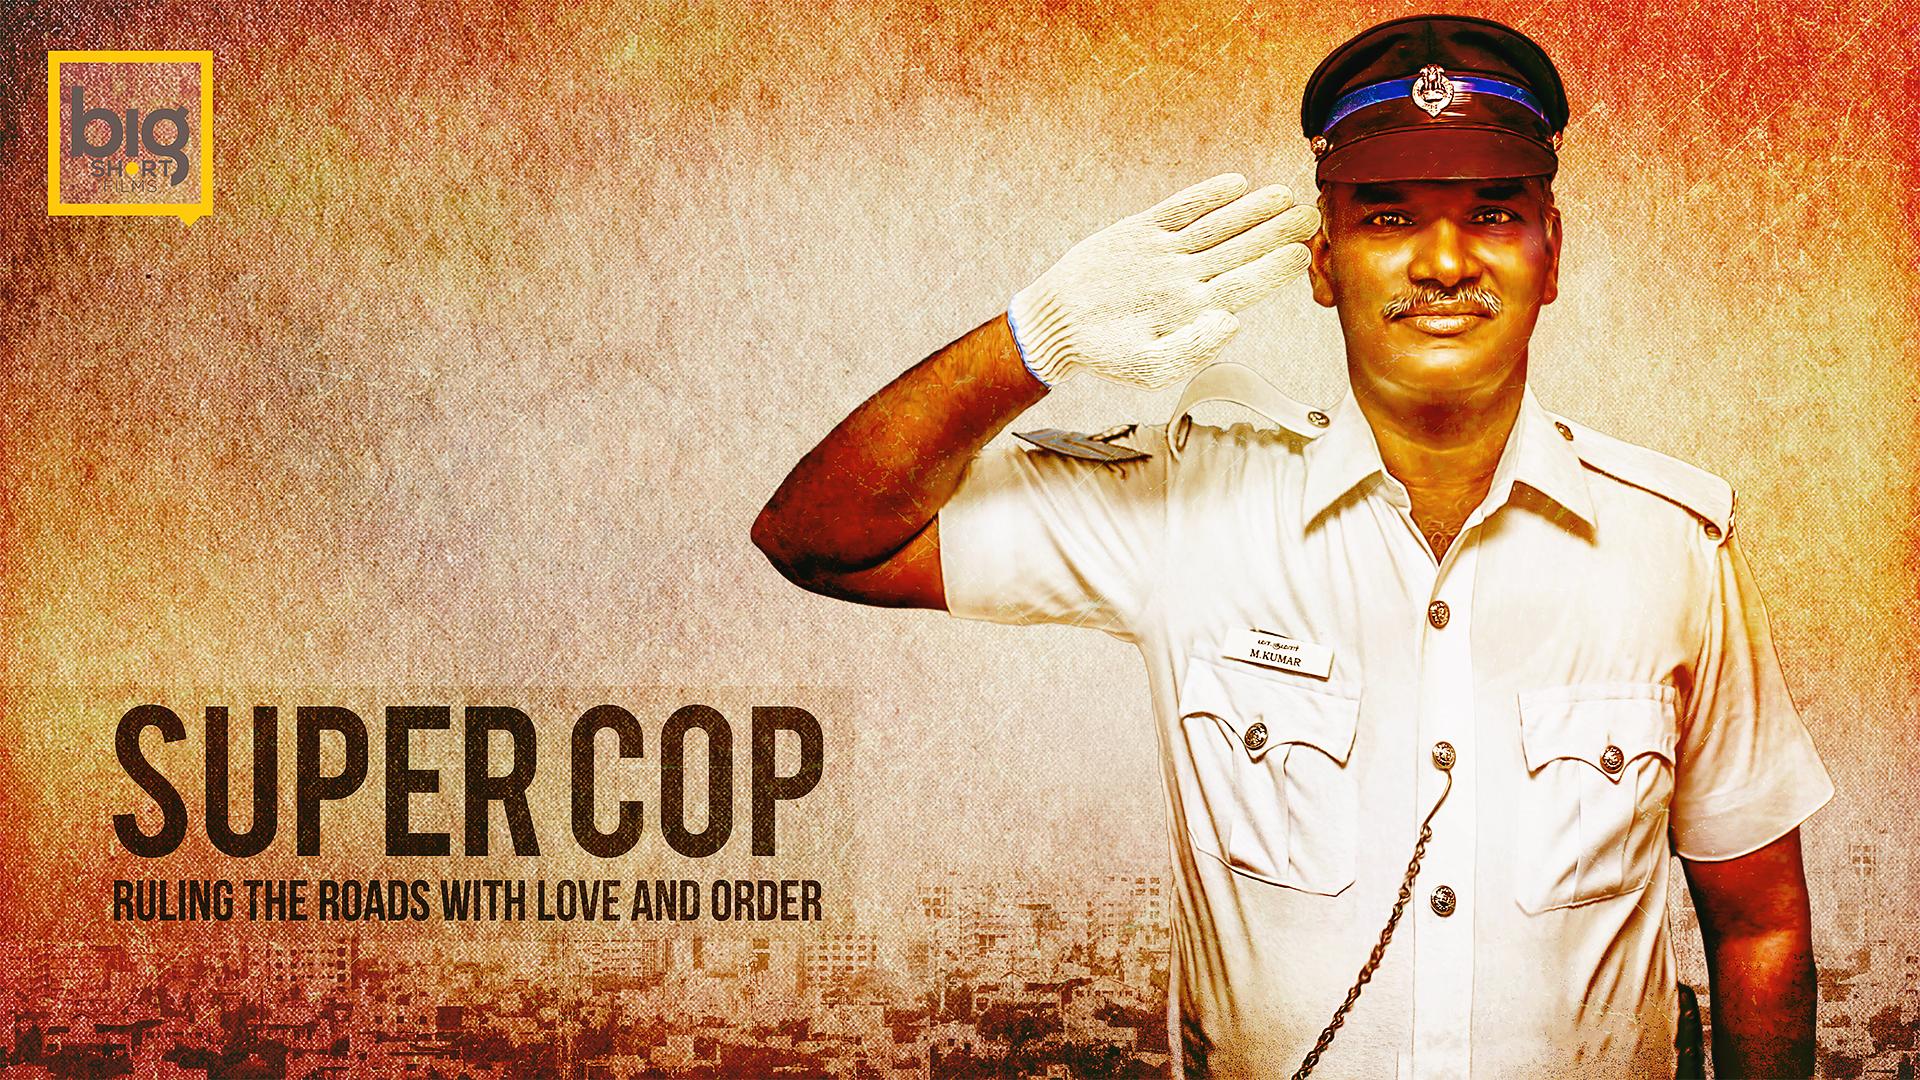 Super Cop Poster